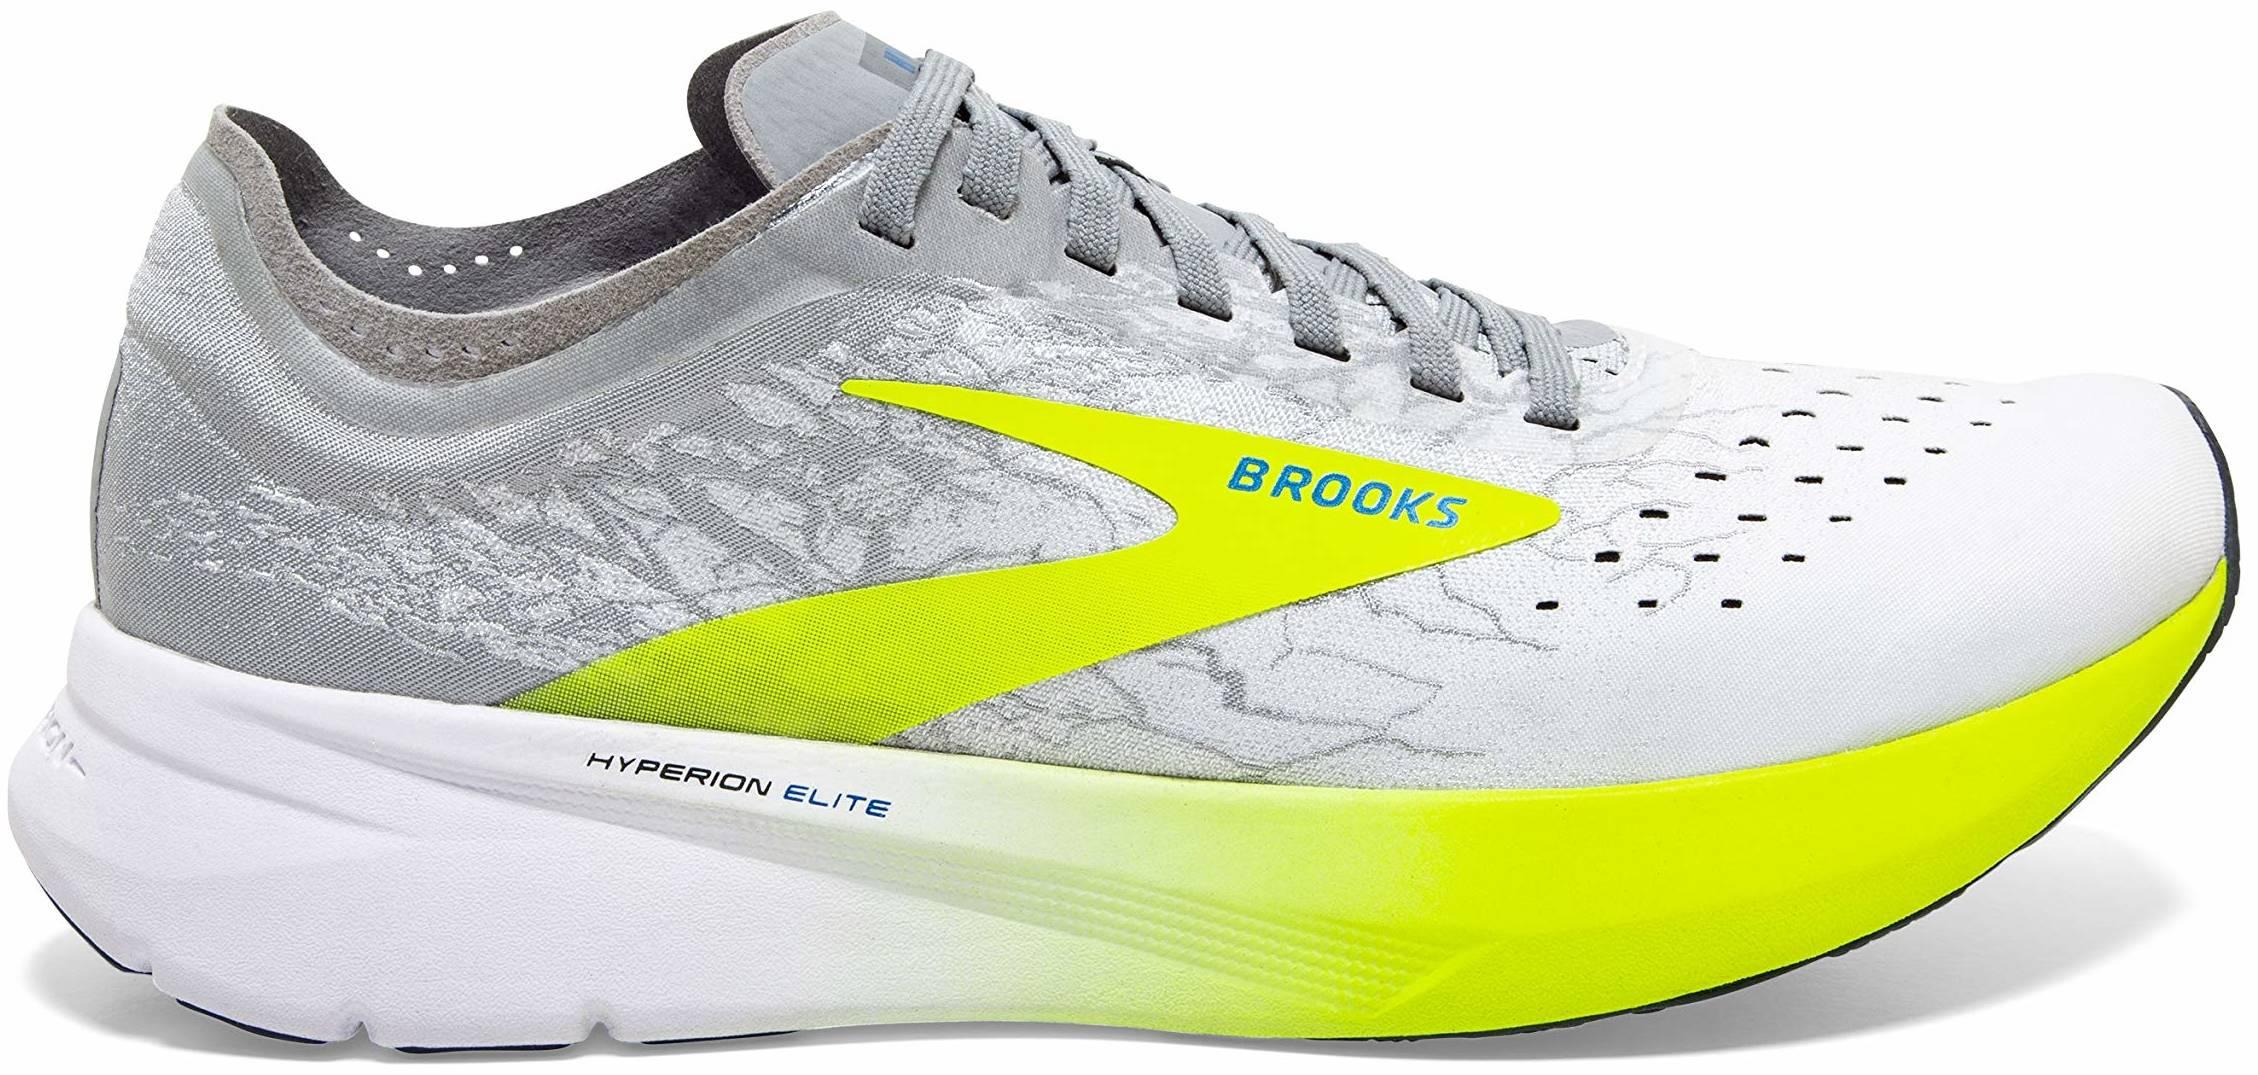 brooks racer st 7